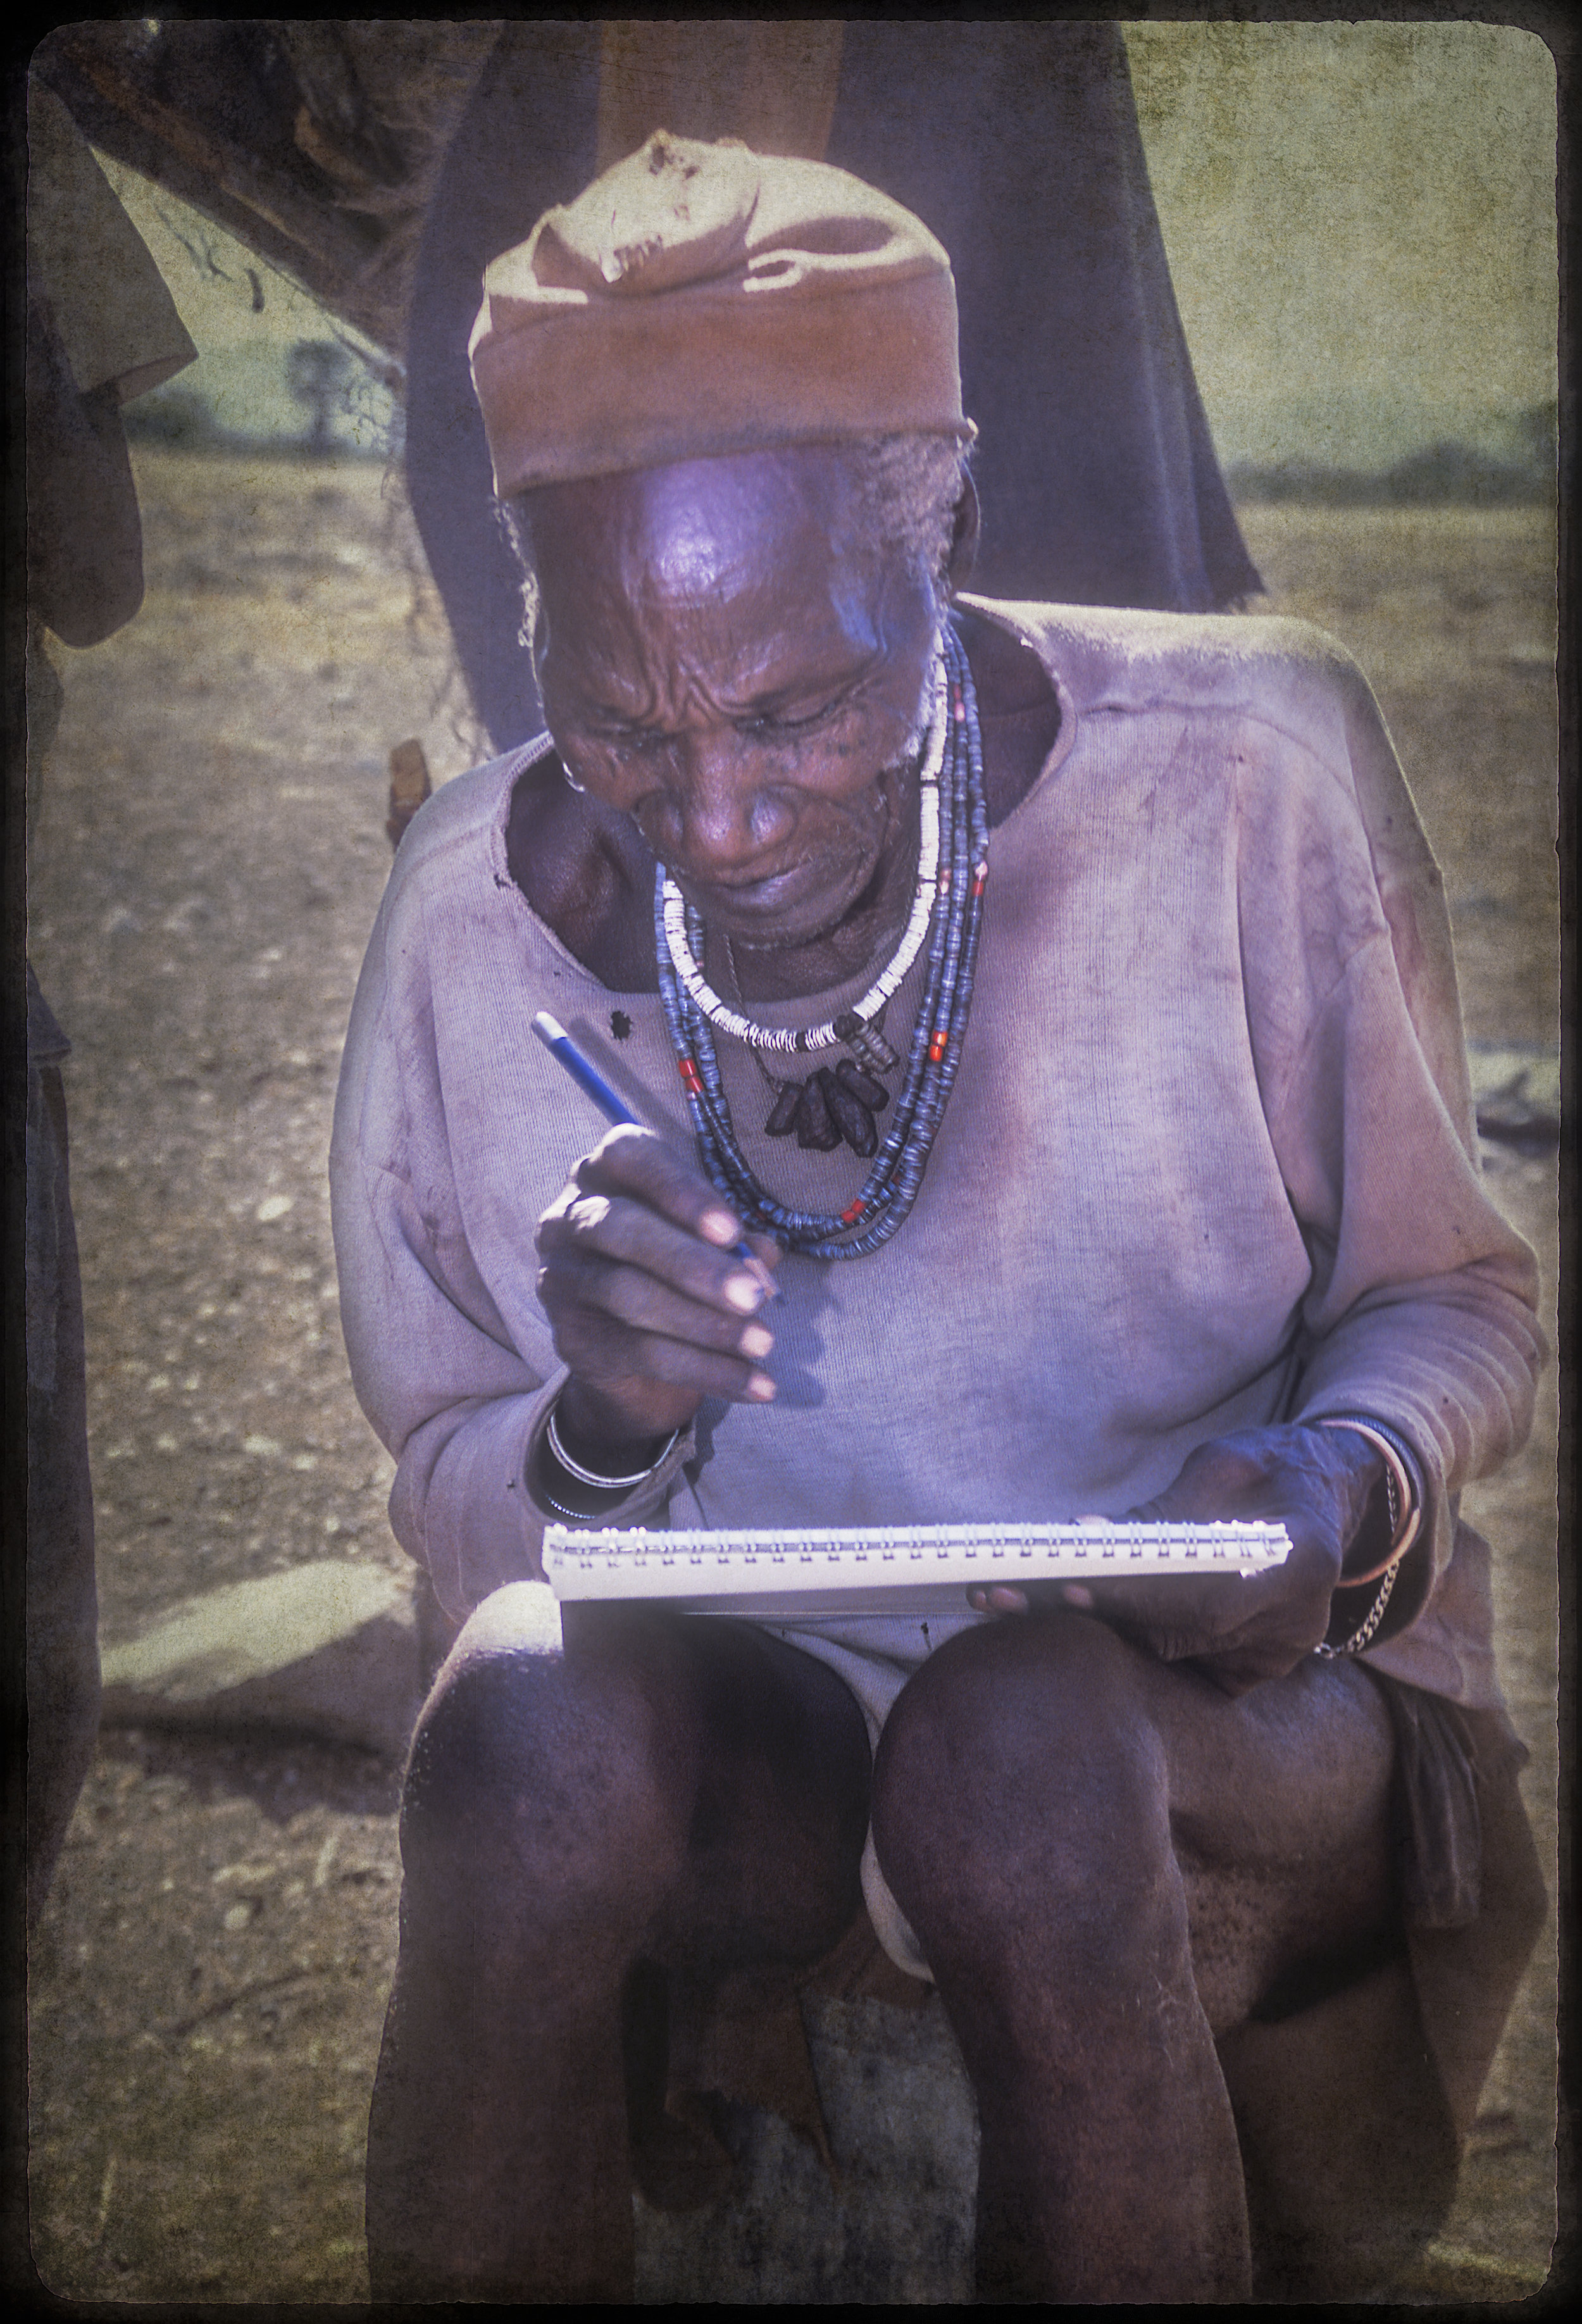 Himba medicine man draws his vision during trance